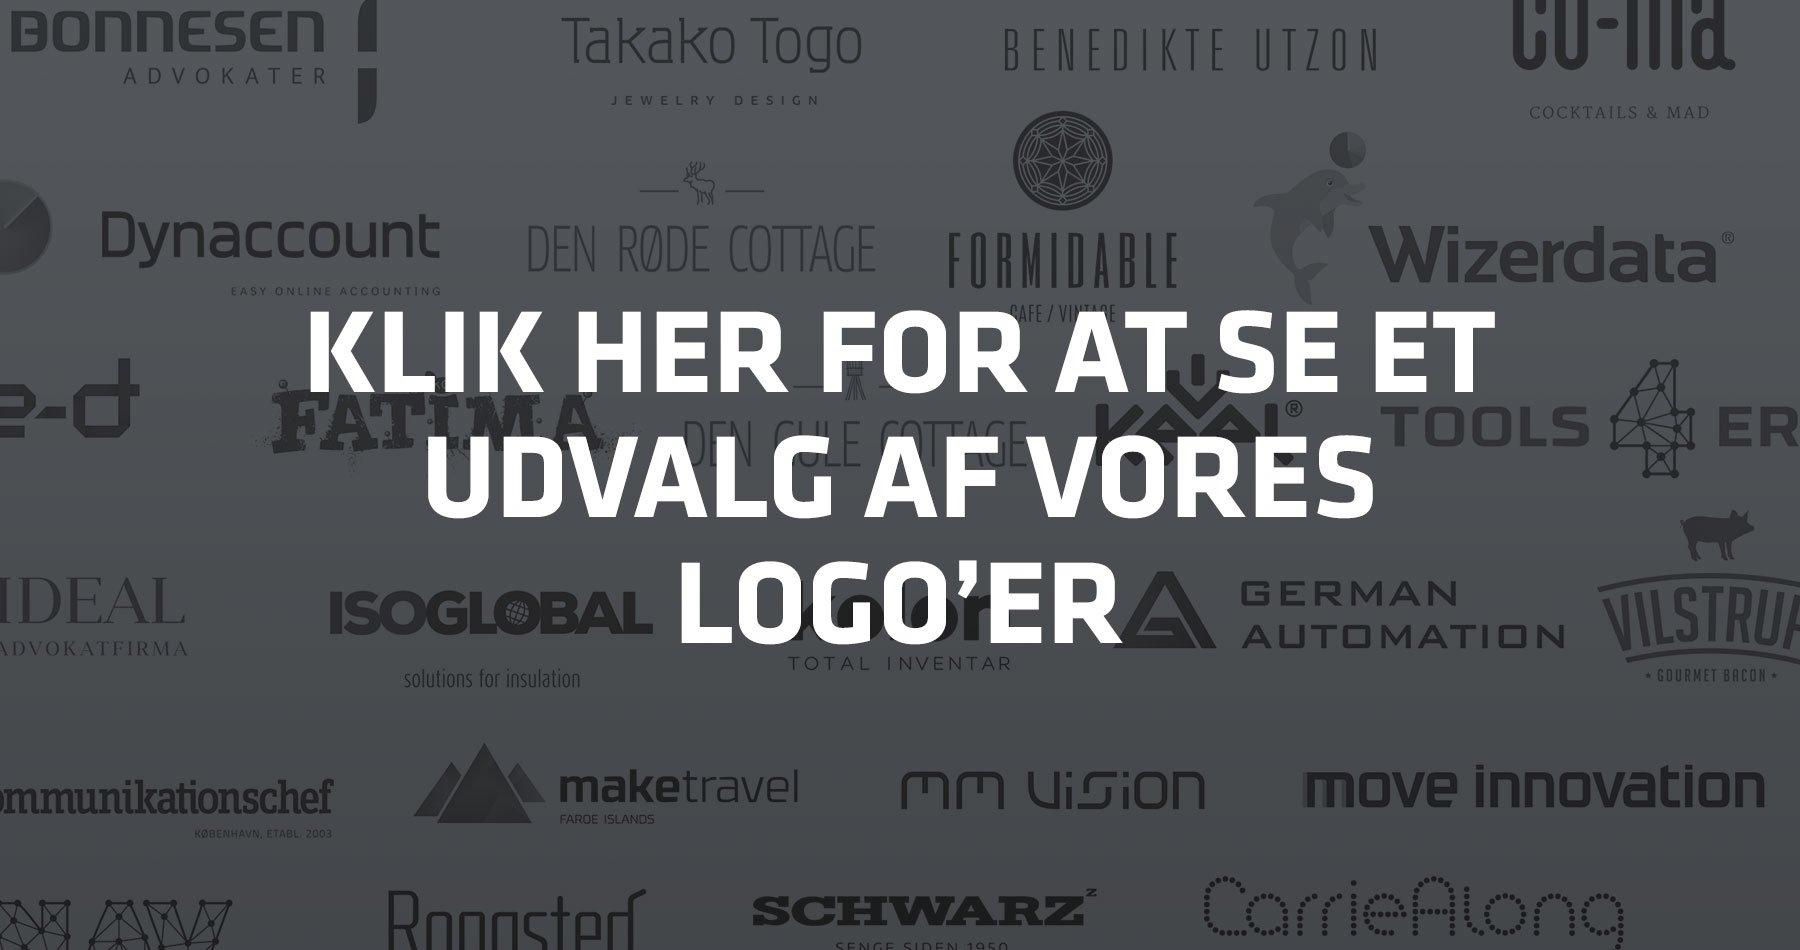 Logo-1800x950px-02.jpg